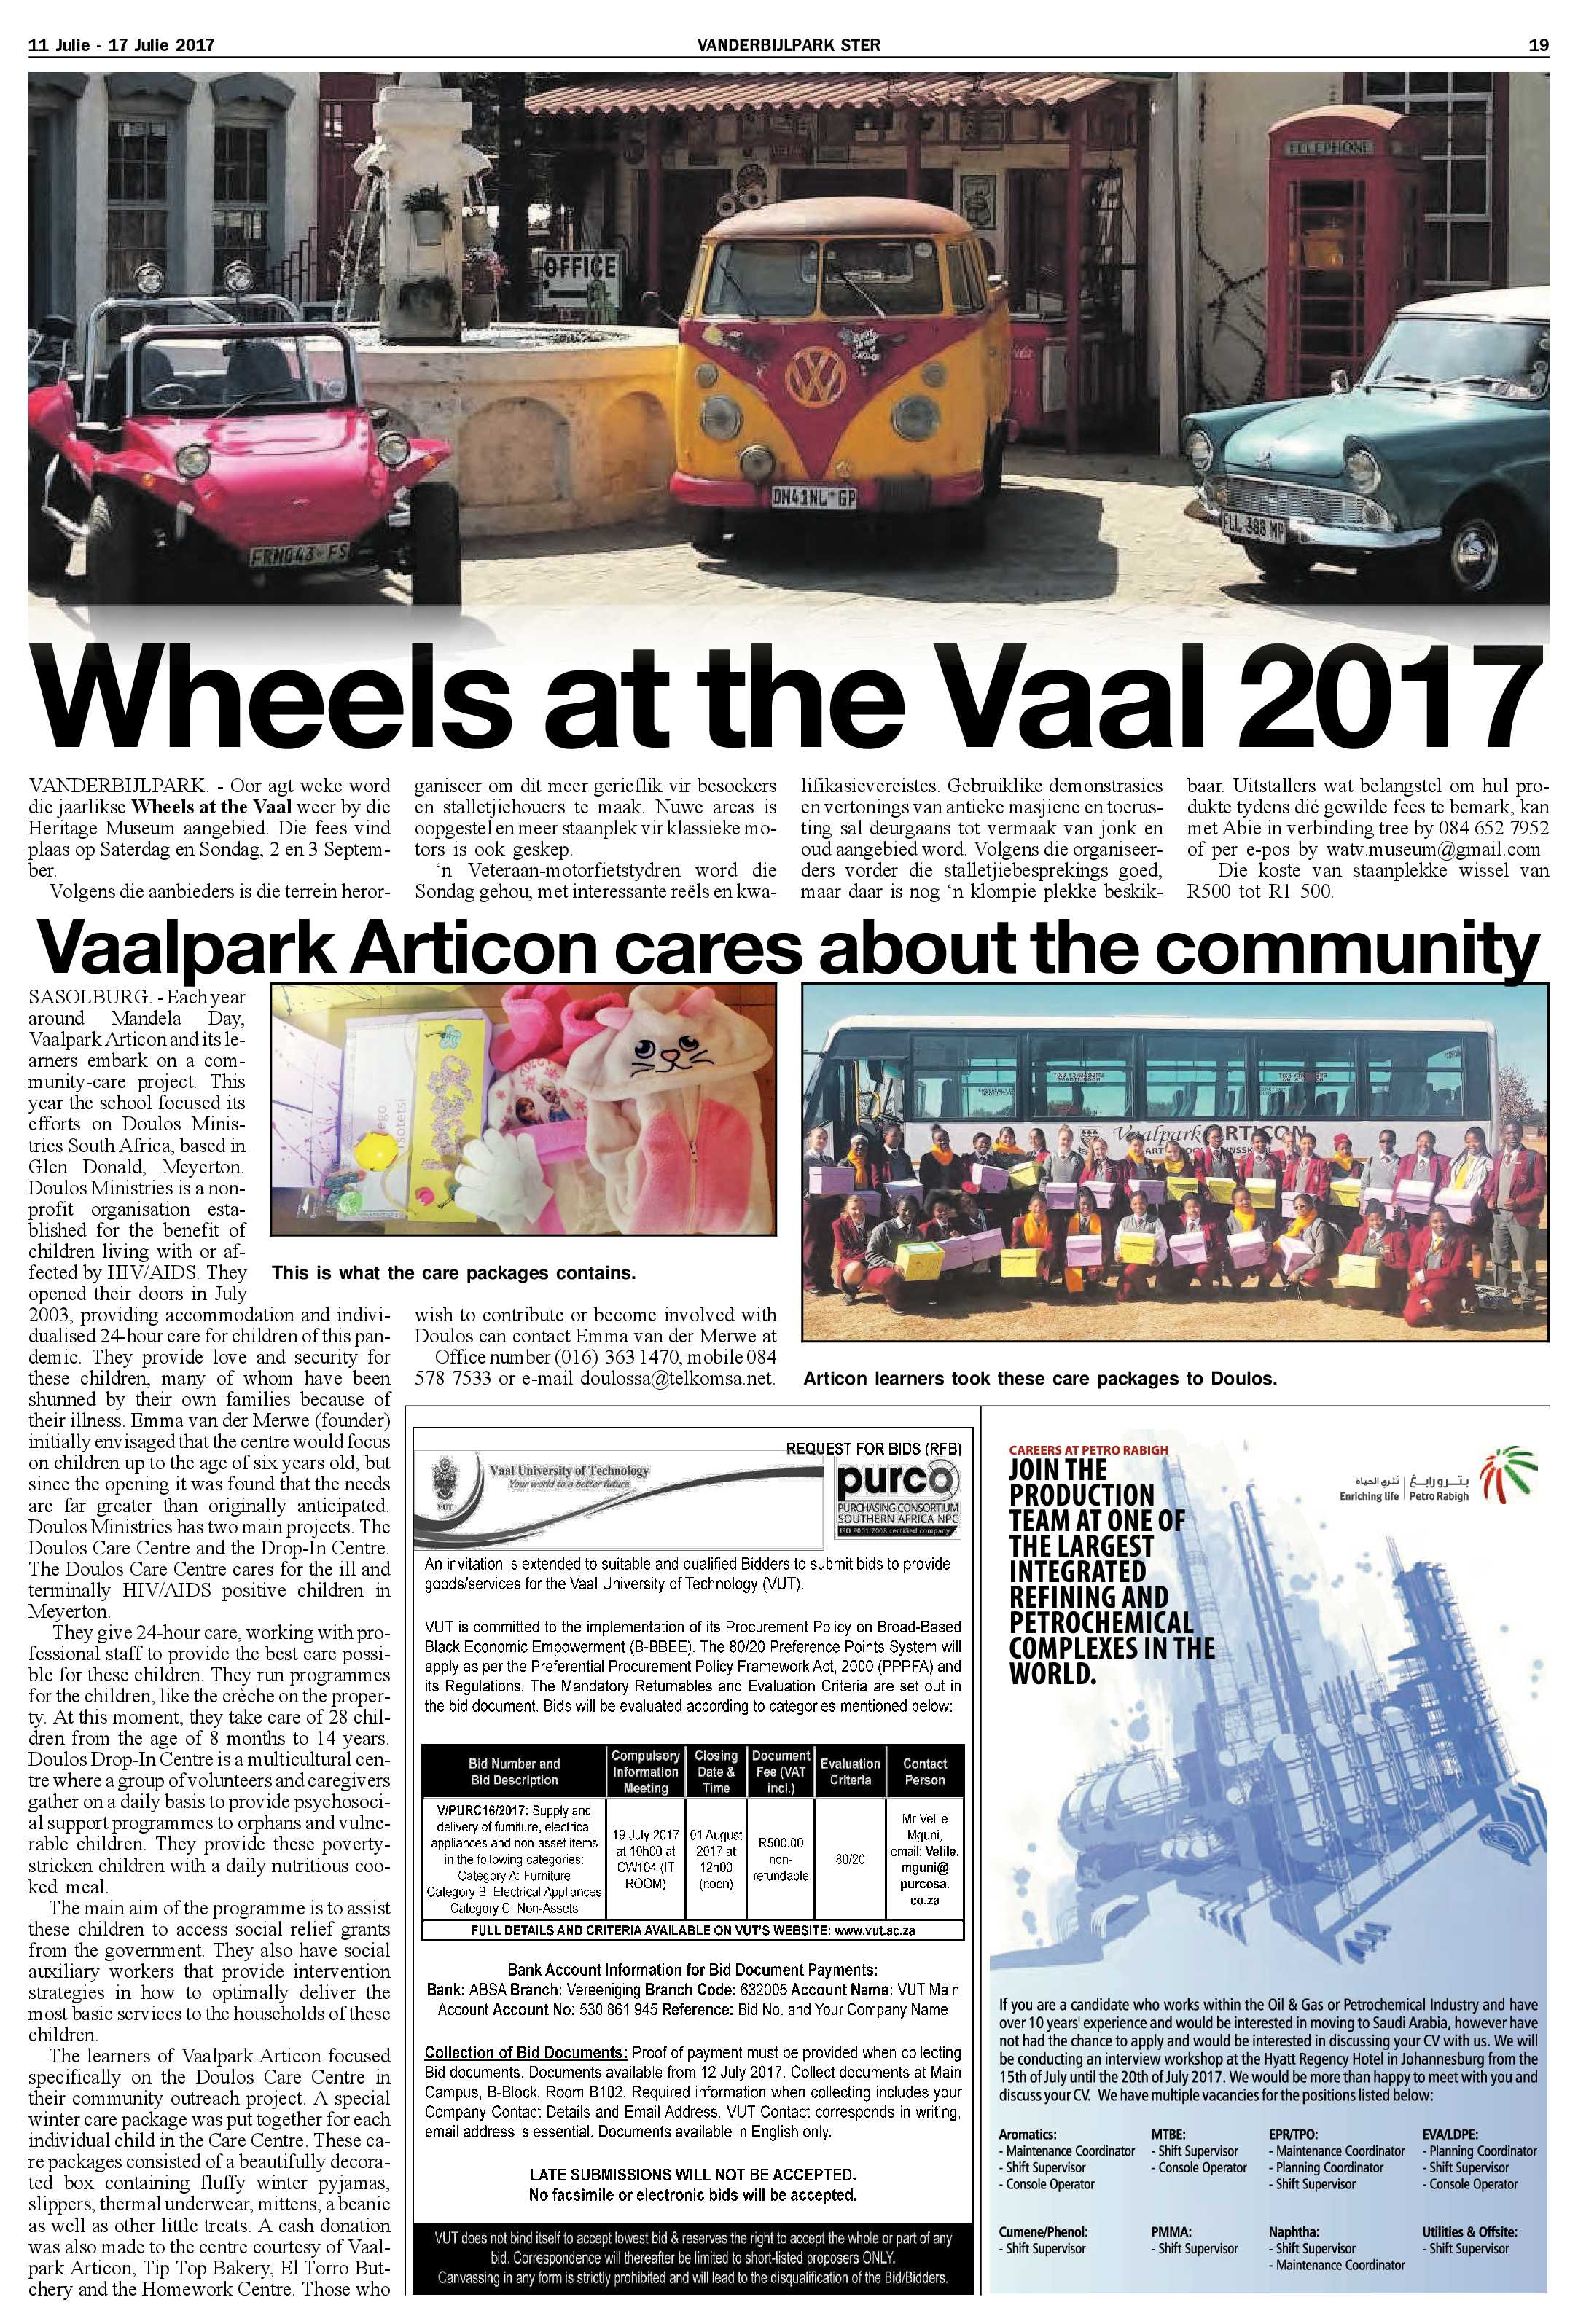 vanderbijlpark-ster-11-17-julie-2017-epapers-page-19